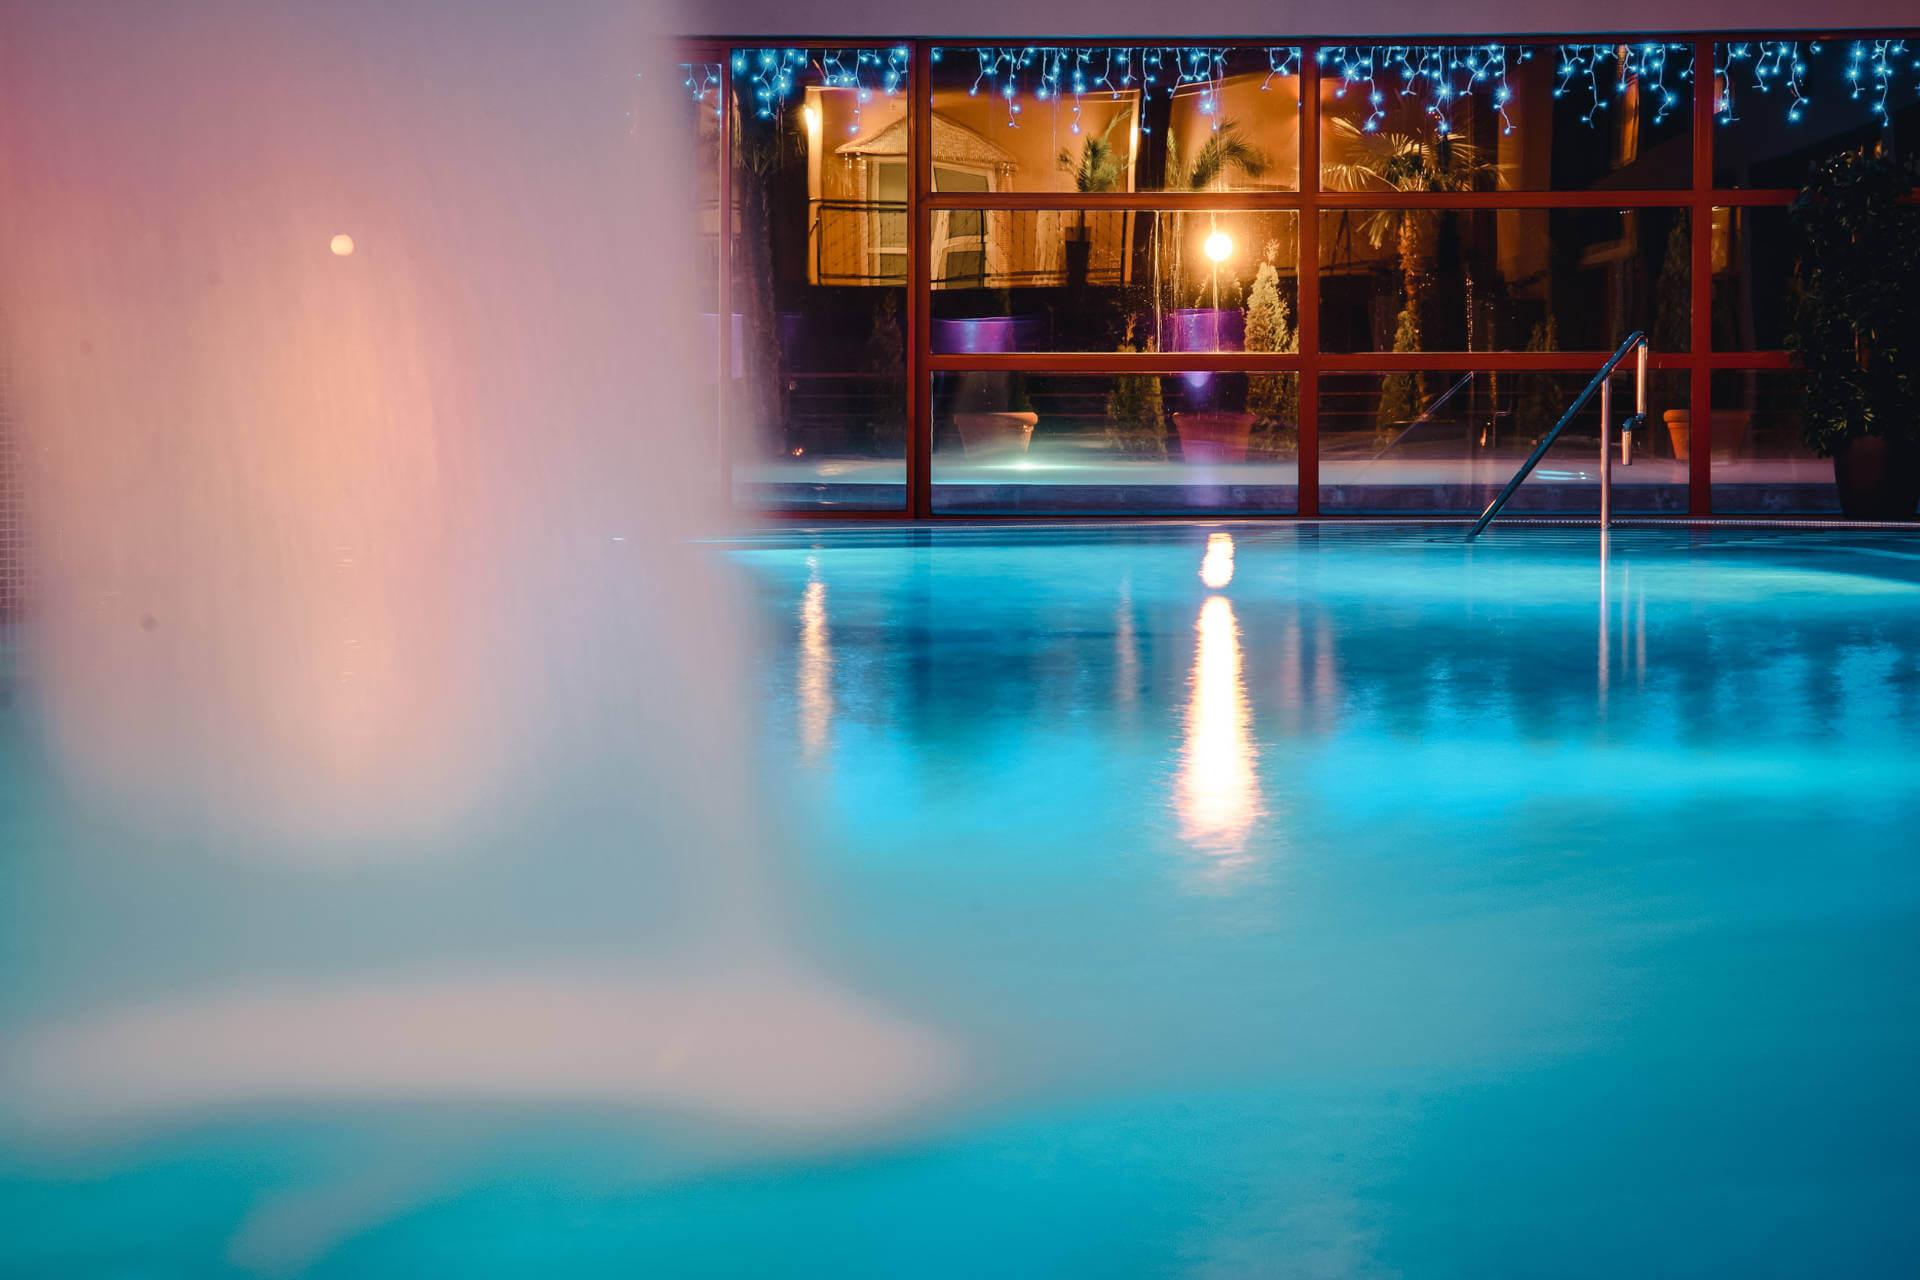 Termálny vnútorný bazén vo wellness a spa resorte Kaskady